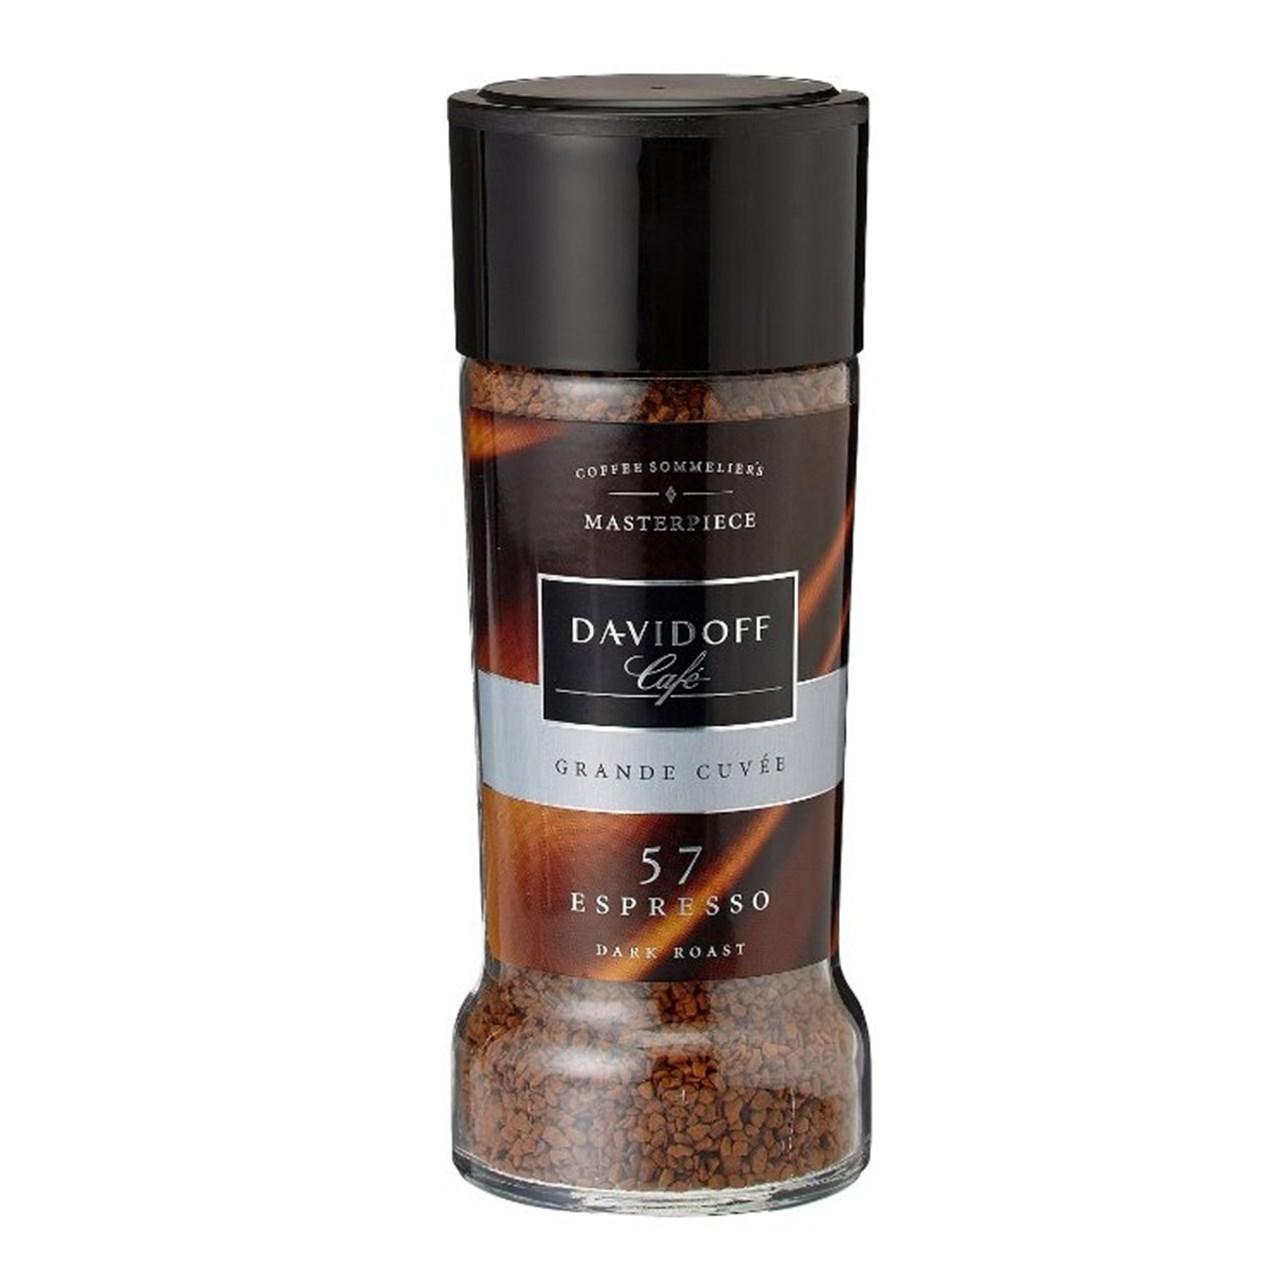 قوطی قهوه دیویدف مدل Espresso 57